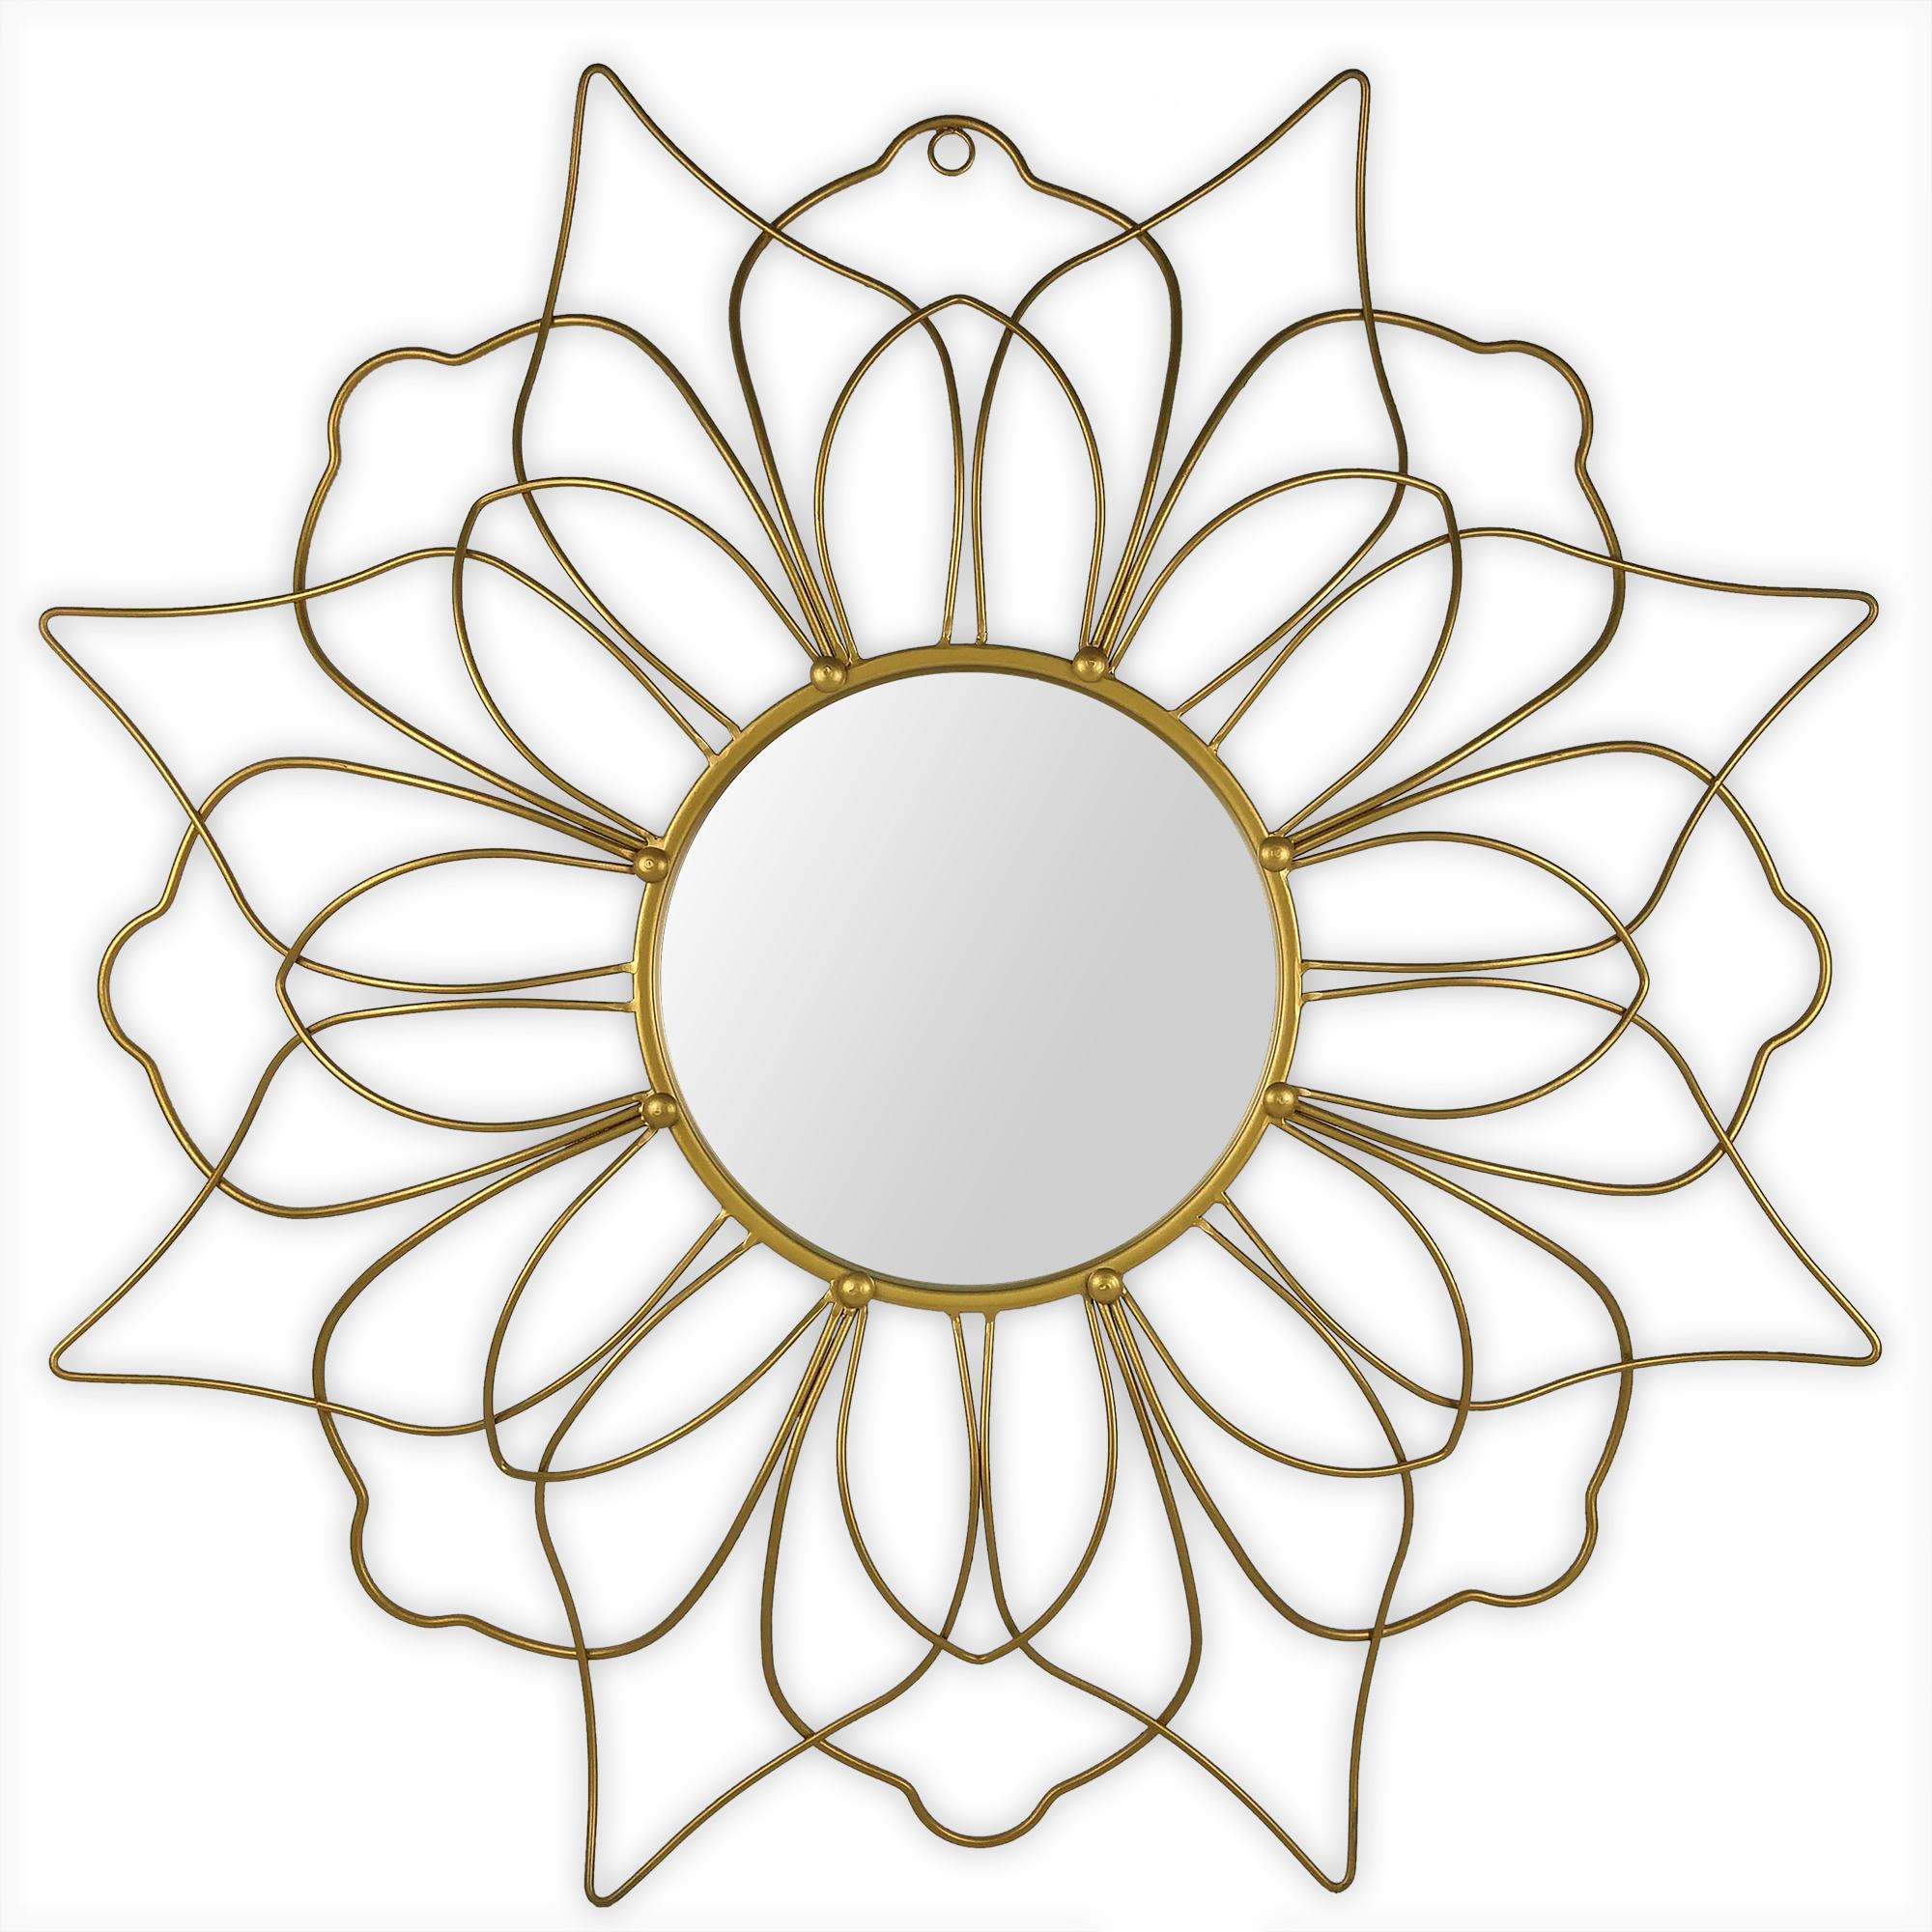 Miroir fleur de métal doré à 2 rangées de pétales